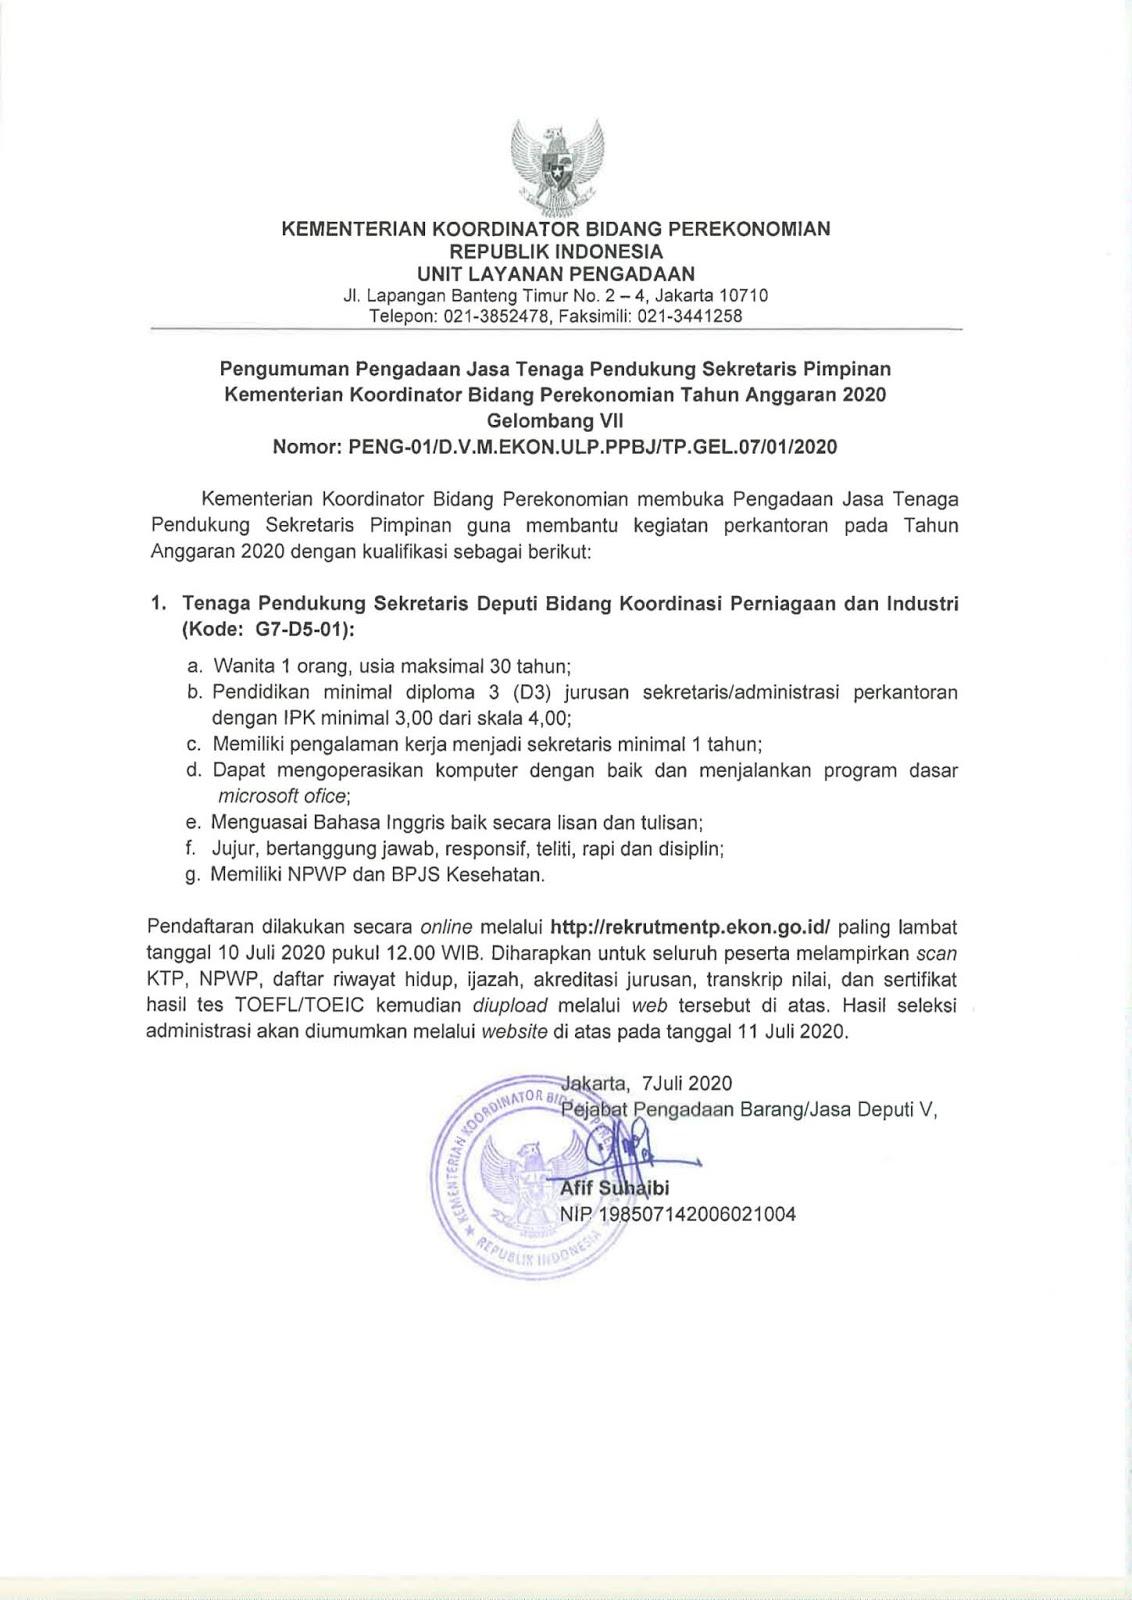 Lowongan Kerja Tenaga Pendukung Kementerian Koordinator Bidang Perekonomian Juli 2020